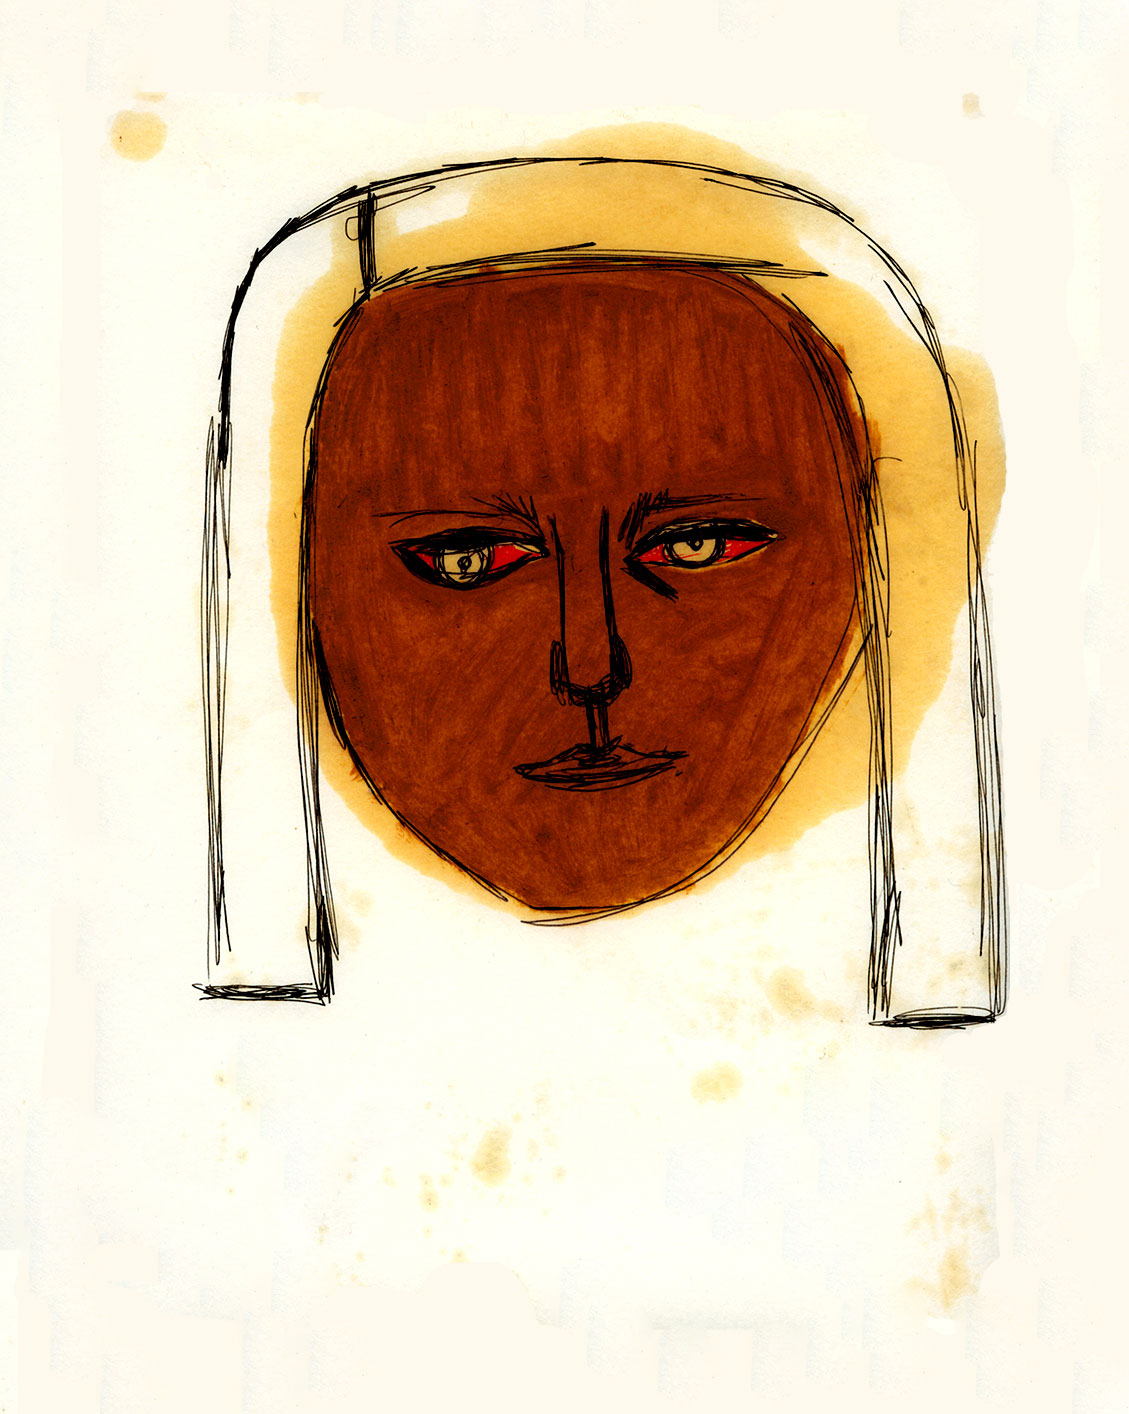 isabelle-jolivet-dessin-page-2 (15)